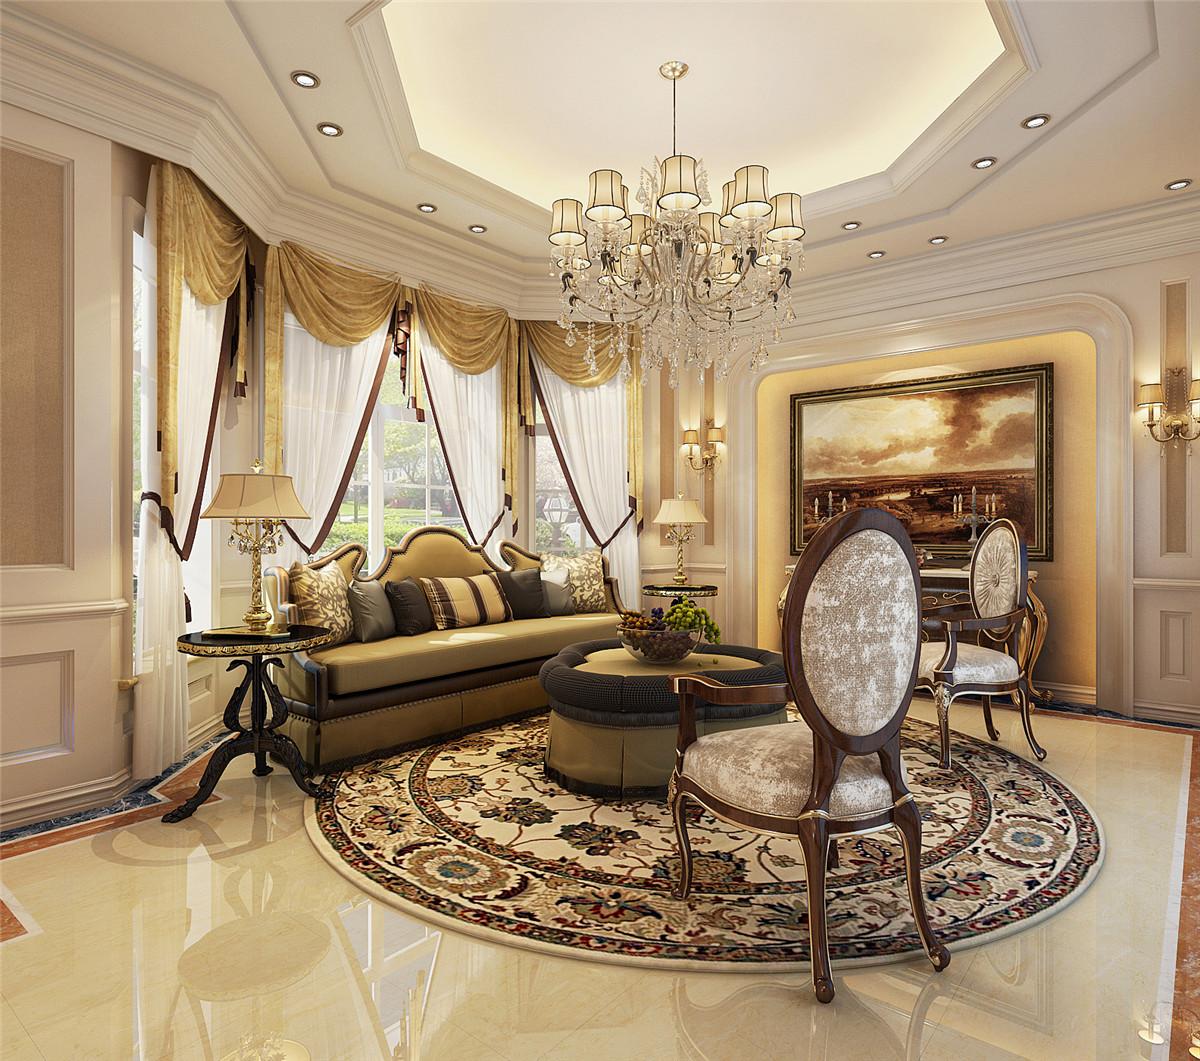 汤臣高尔夫 别墅装修 欧式古典 腾龙设计 其他图片来自孔继民在汤臣高尔夫700平别墅欧式古典的分享